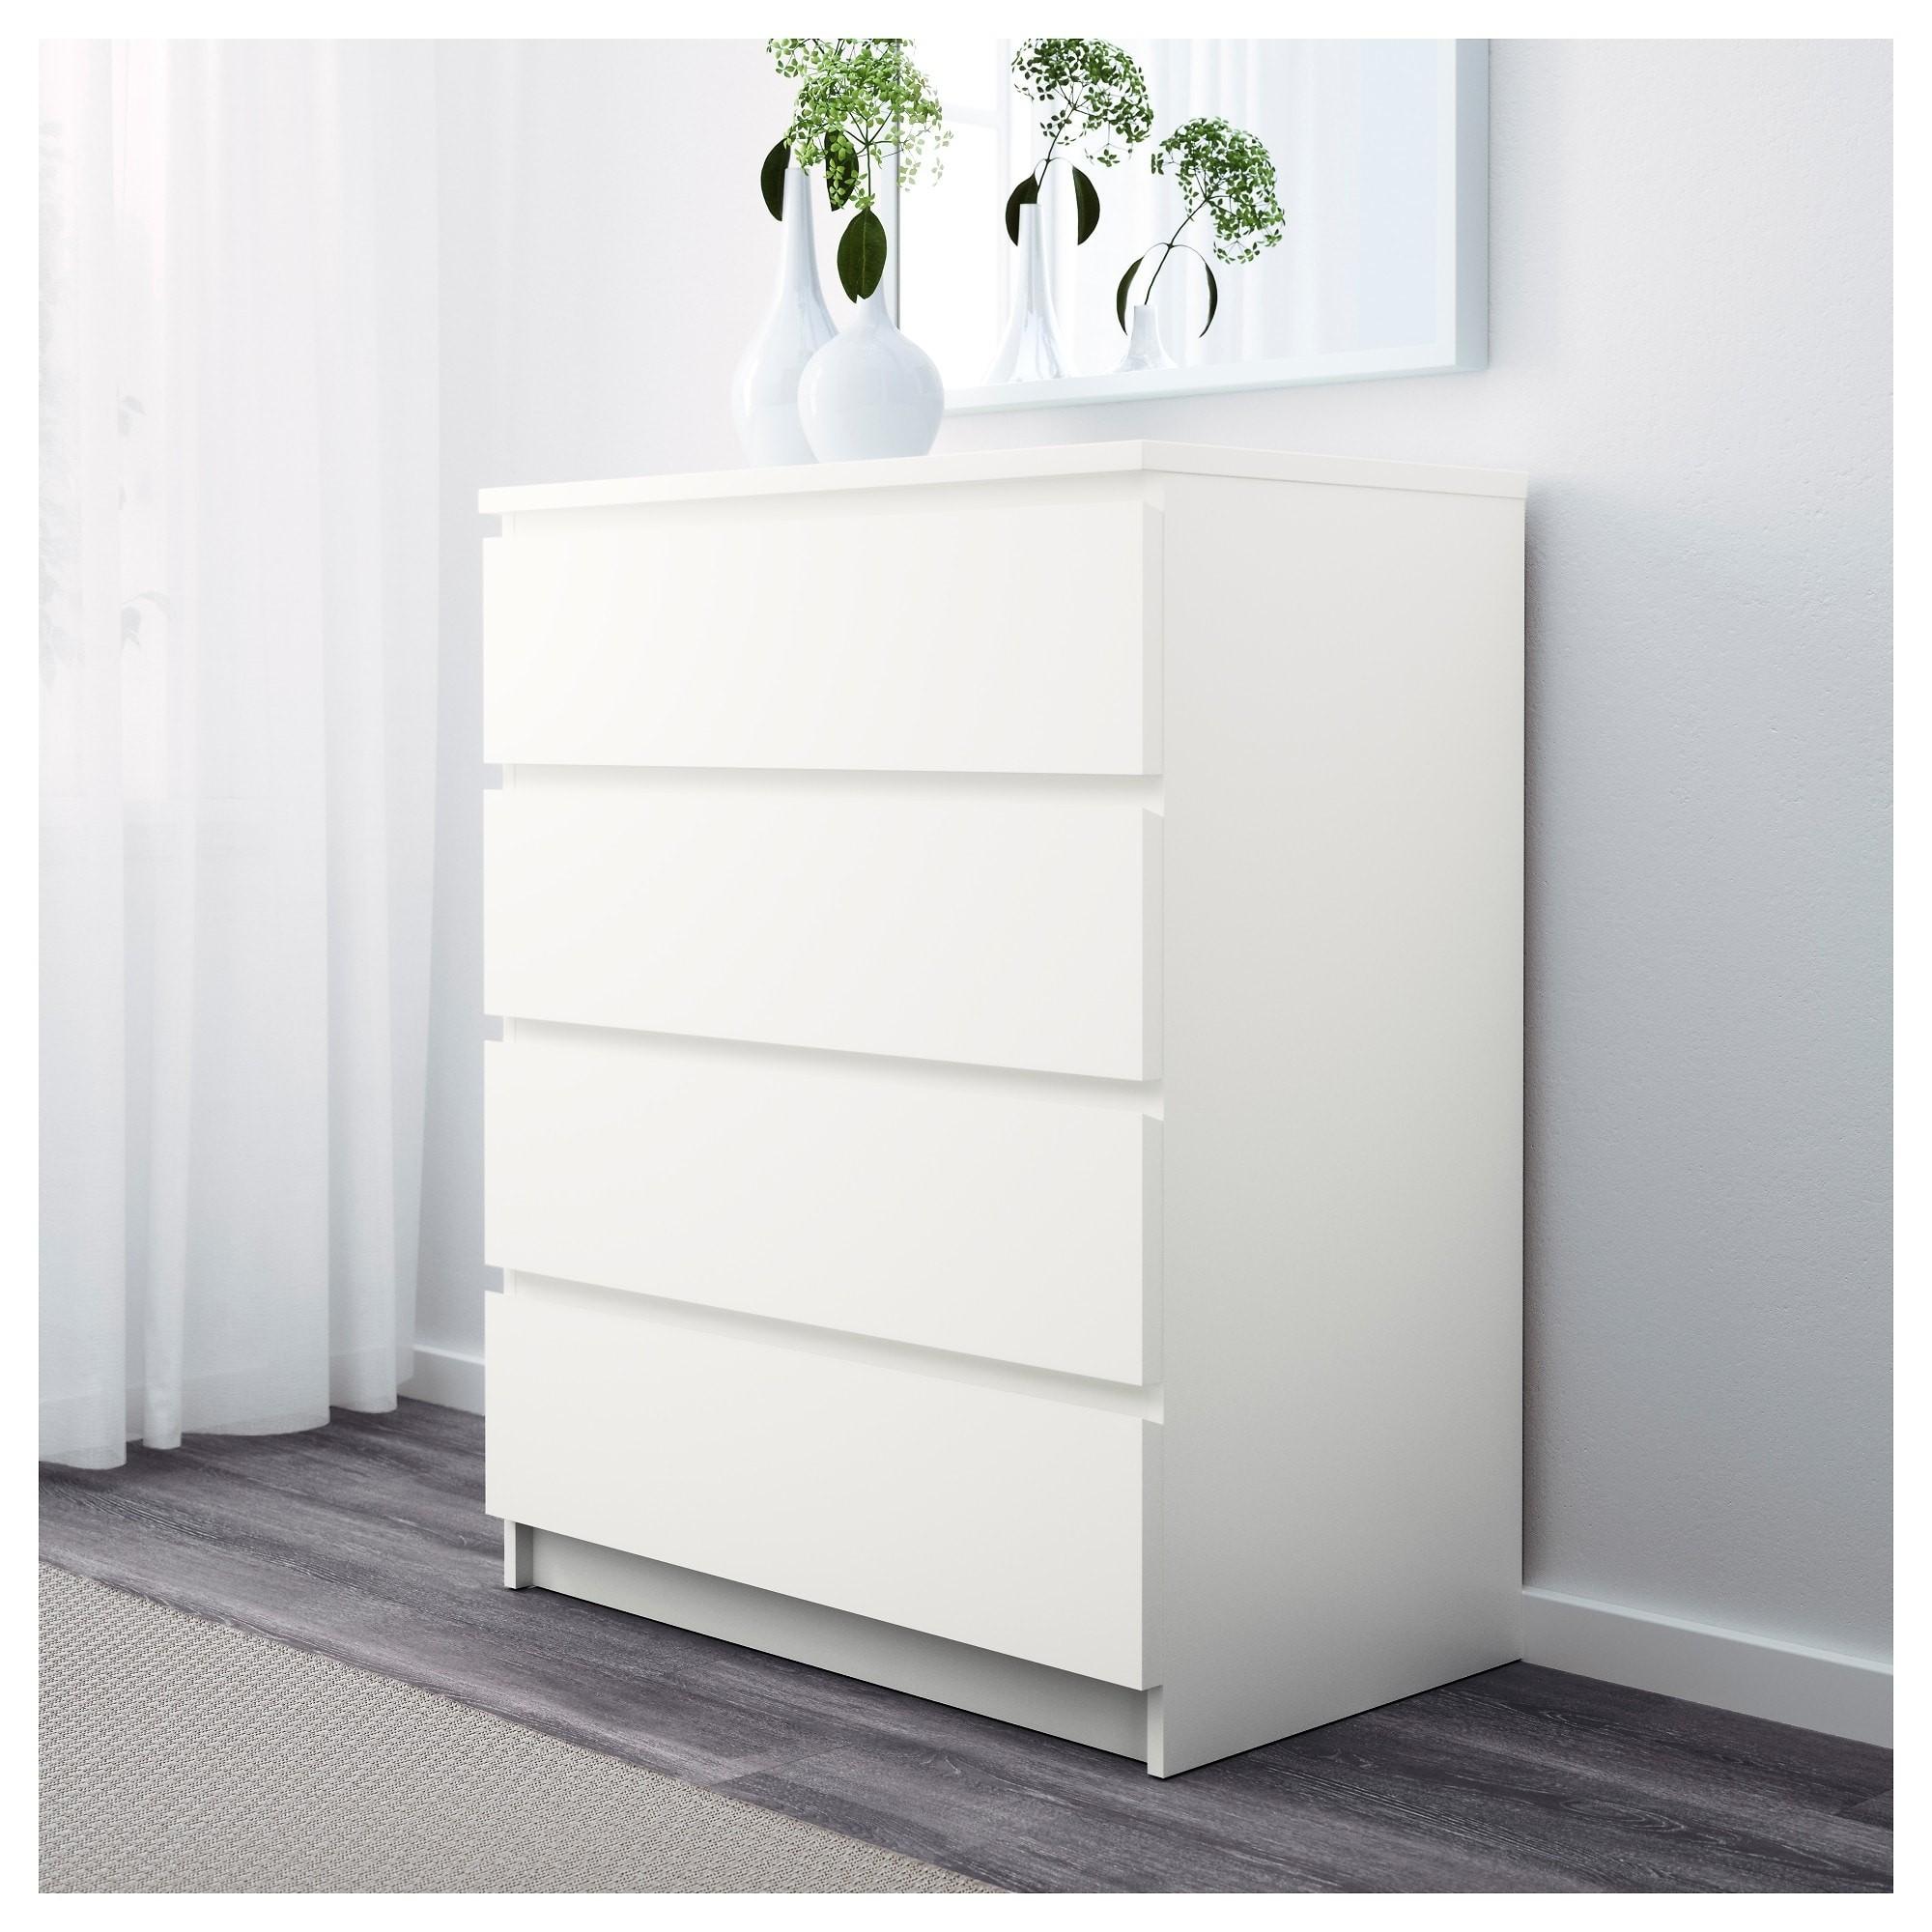 МАЛЬМ Комод с 4 ящиками белый